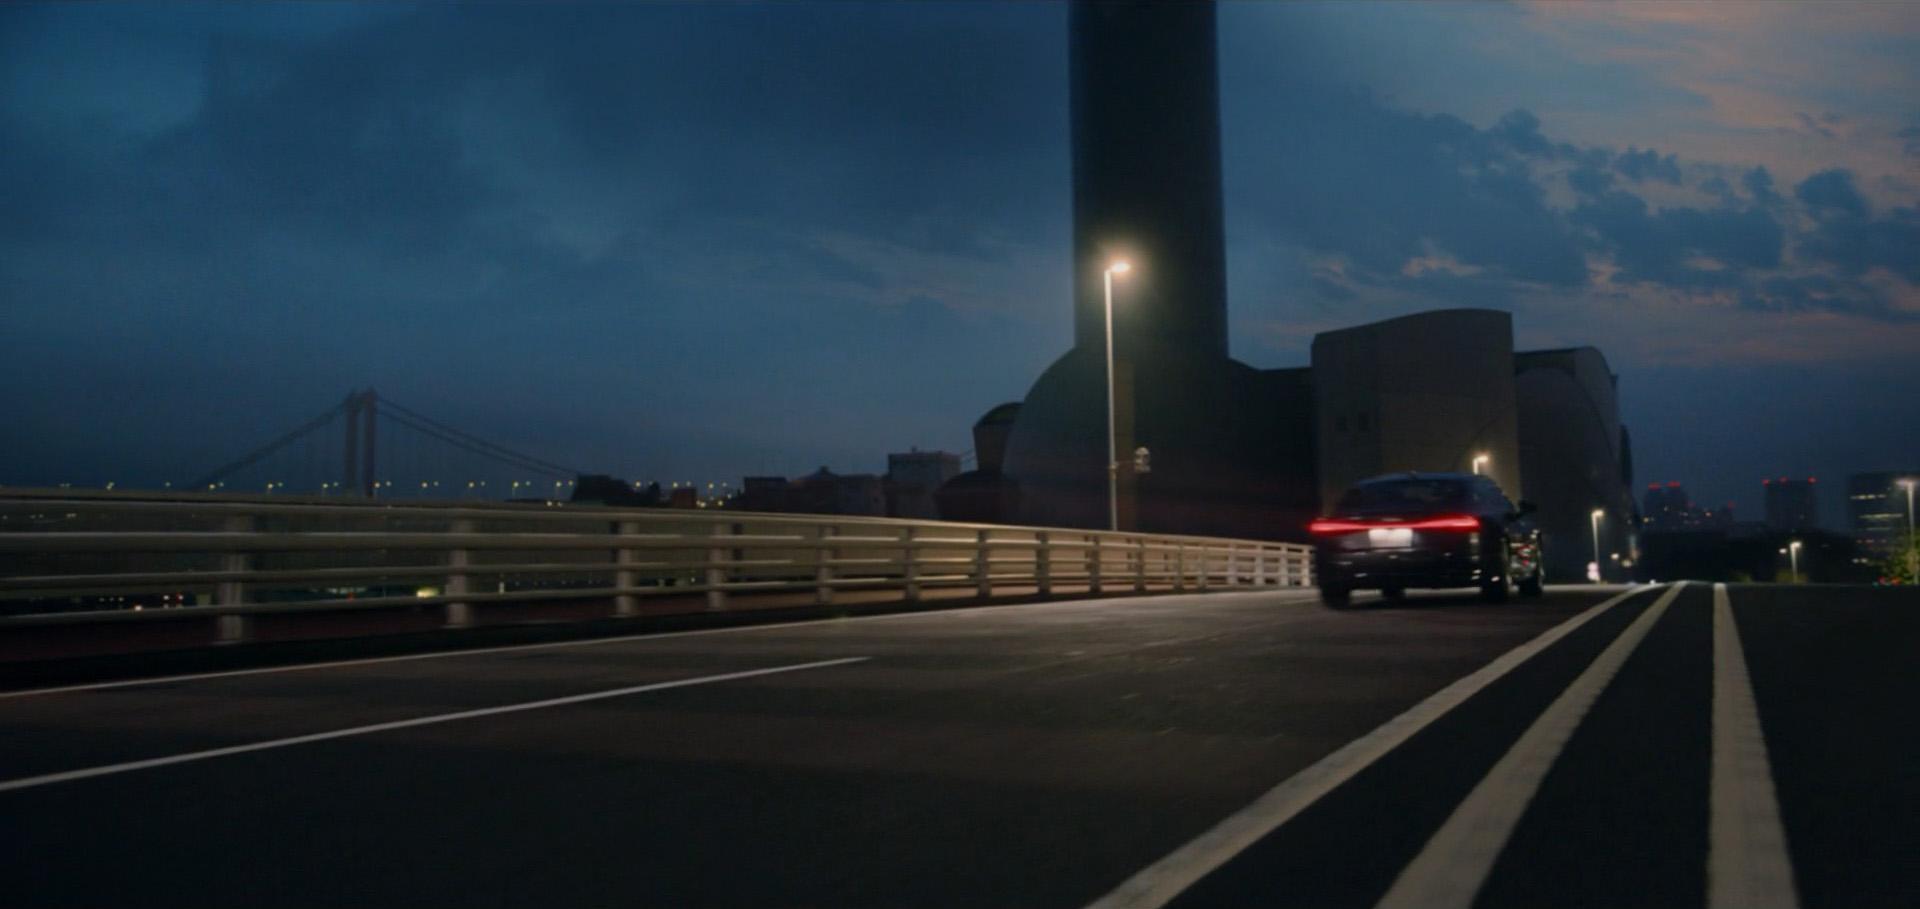 032 - Audi - Runner-0116